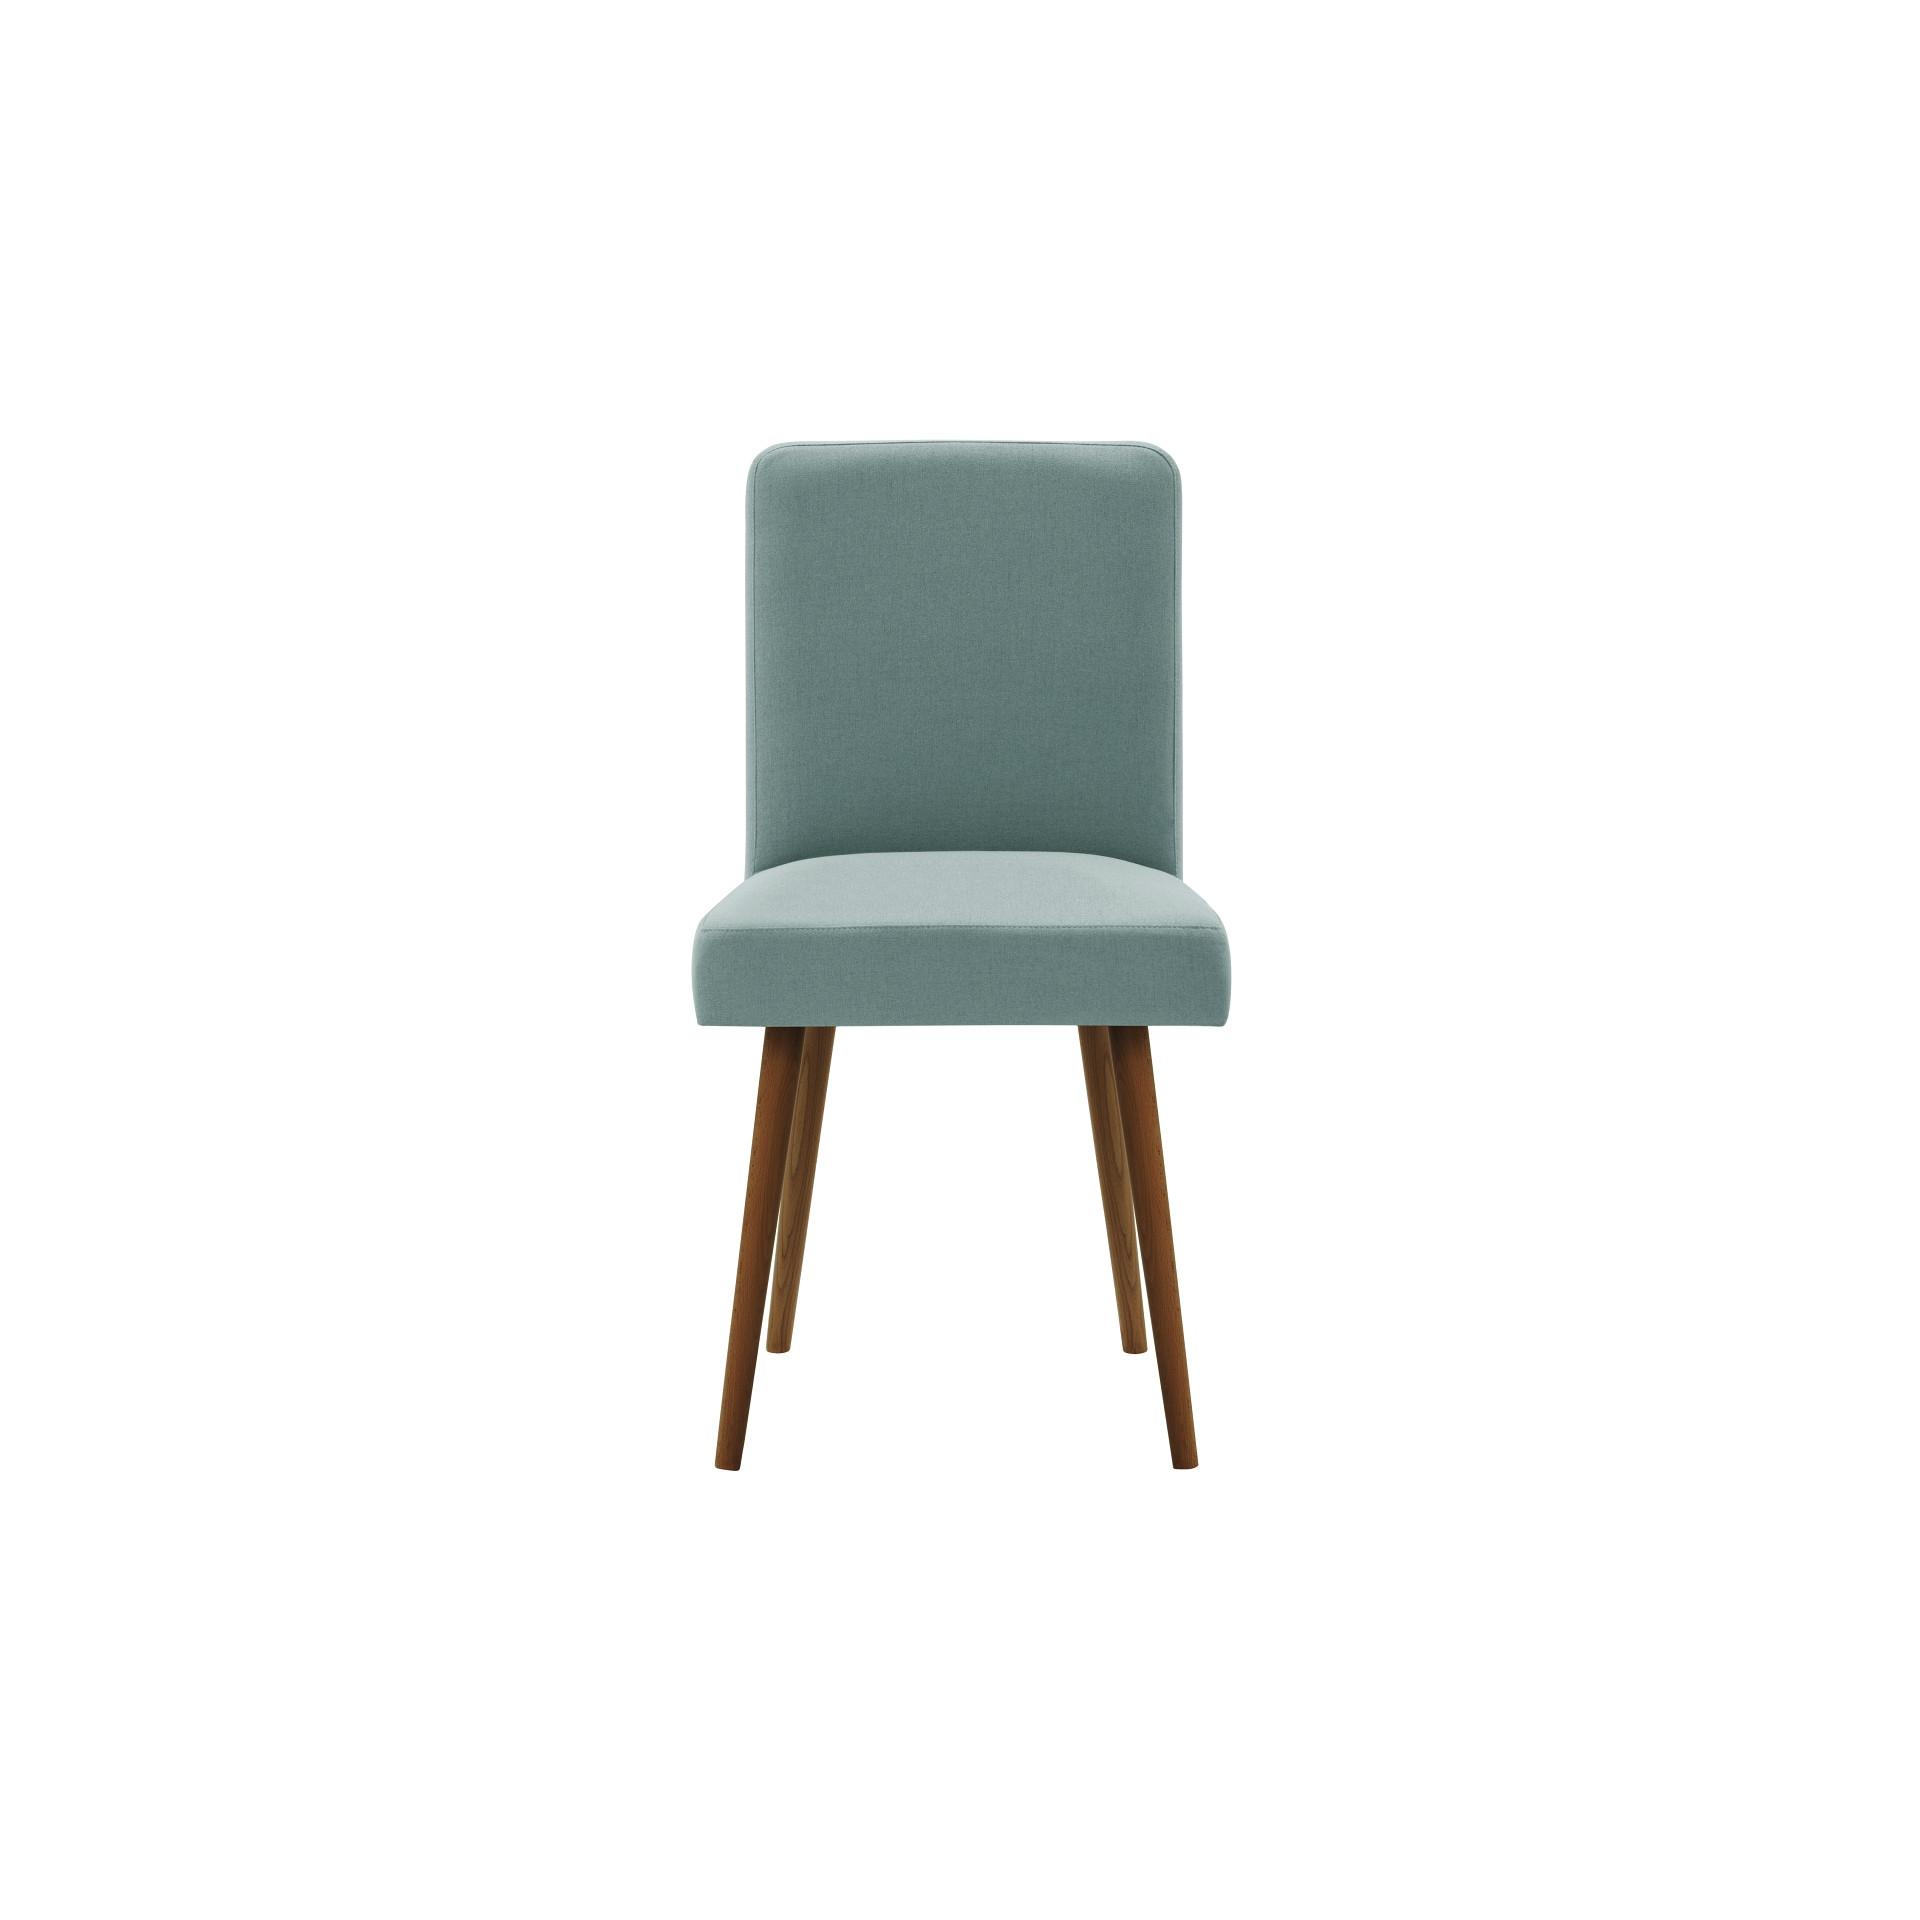 Parfum de fauteuil   Jambes marron   Dossier gris-vert